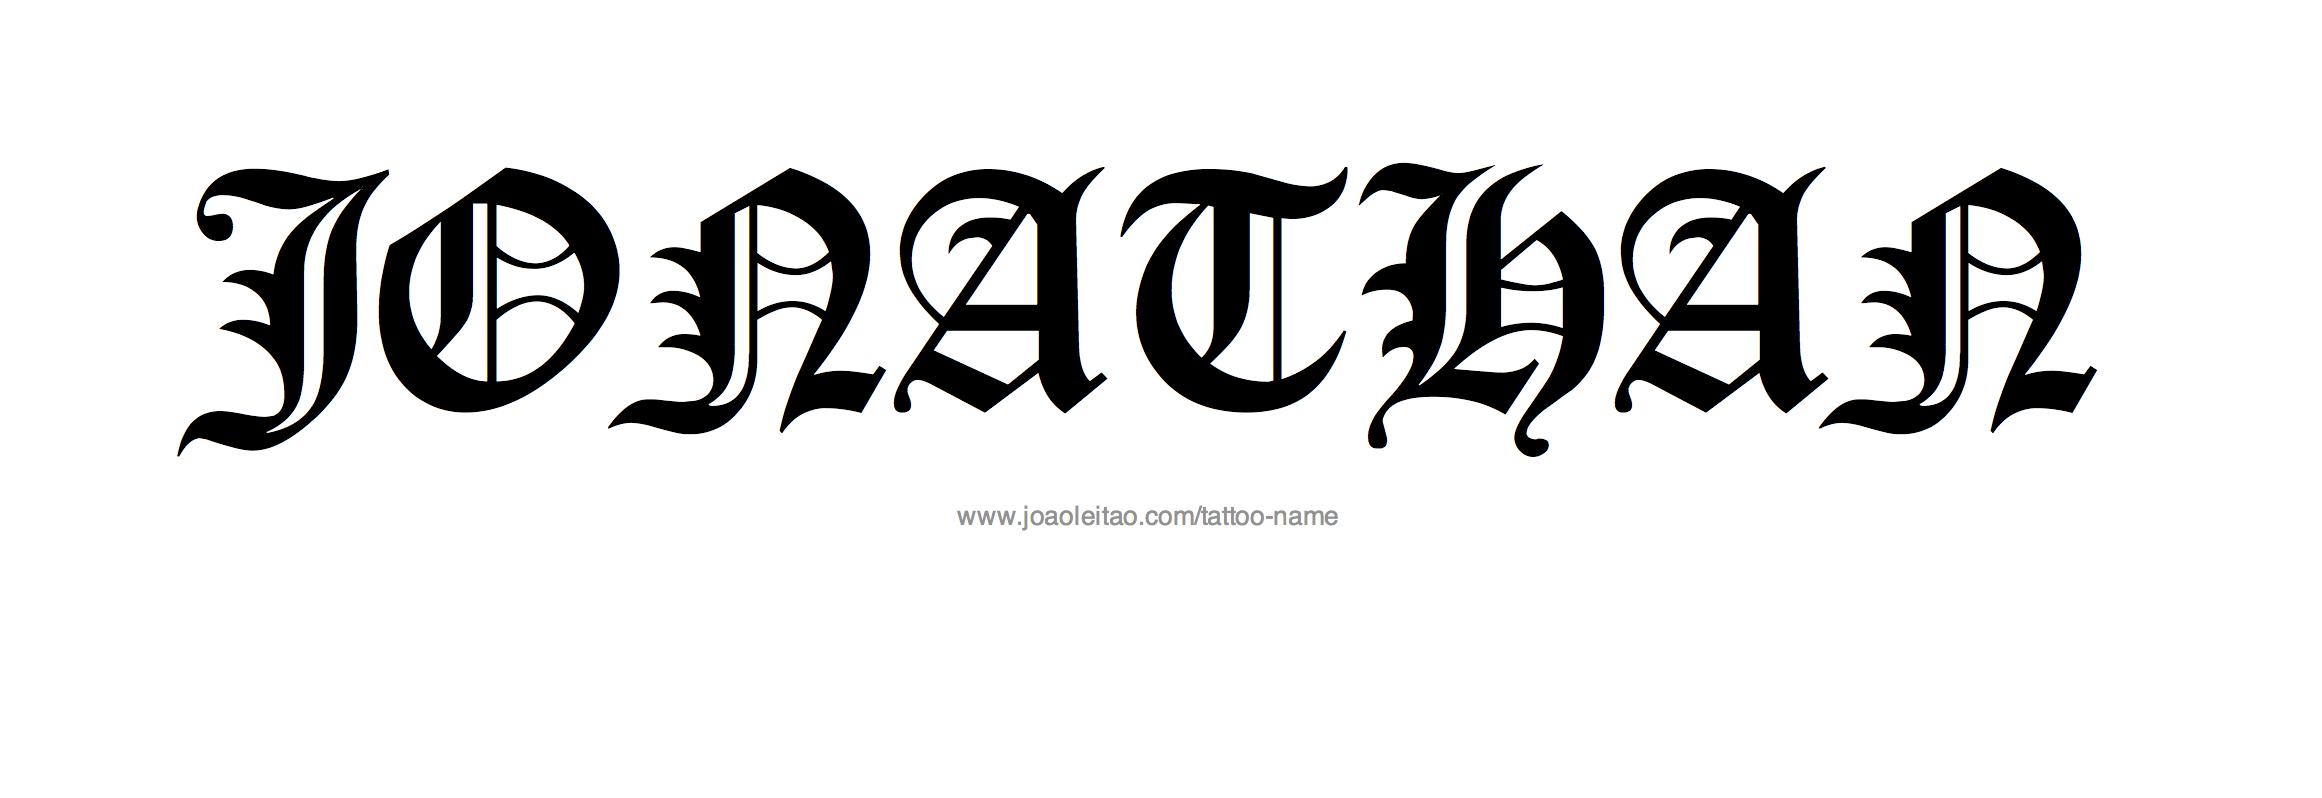 Jonathan Name Tattoo Designs Name Tattoo Designs Tattoo Designs Name Tattoo